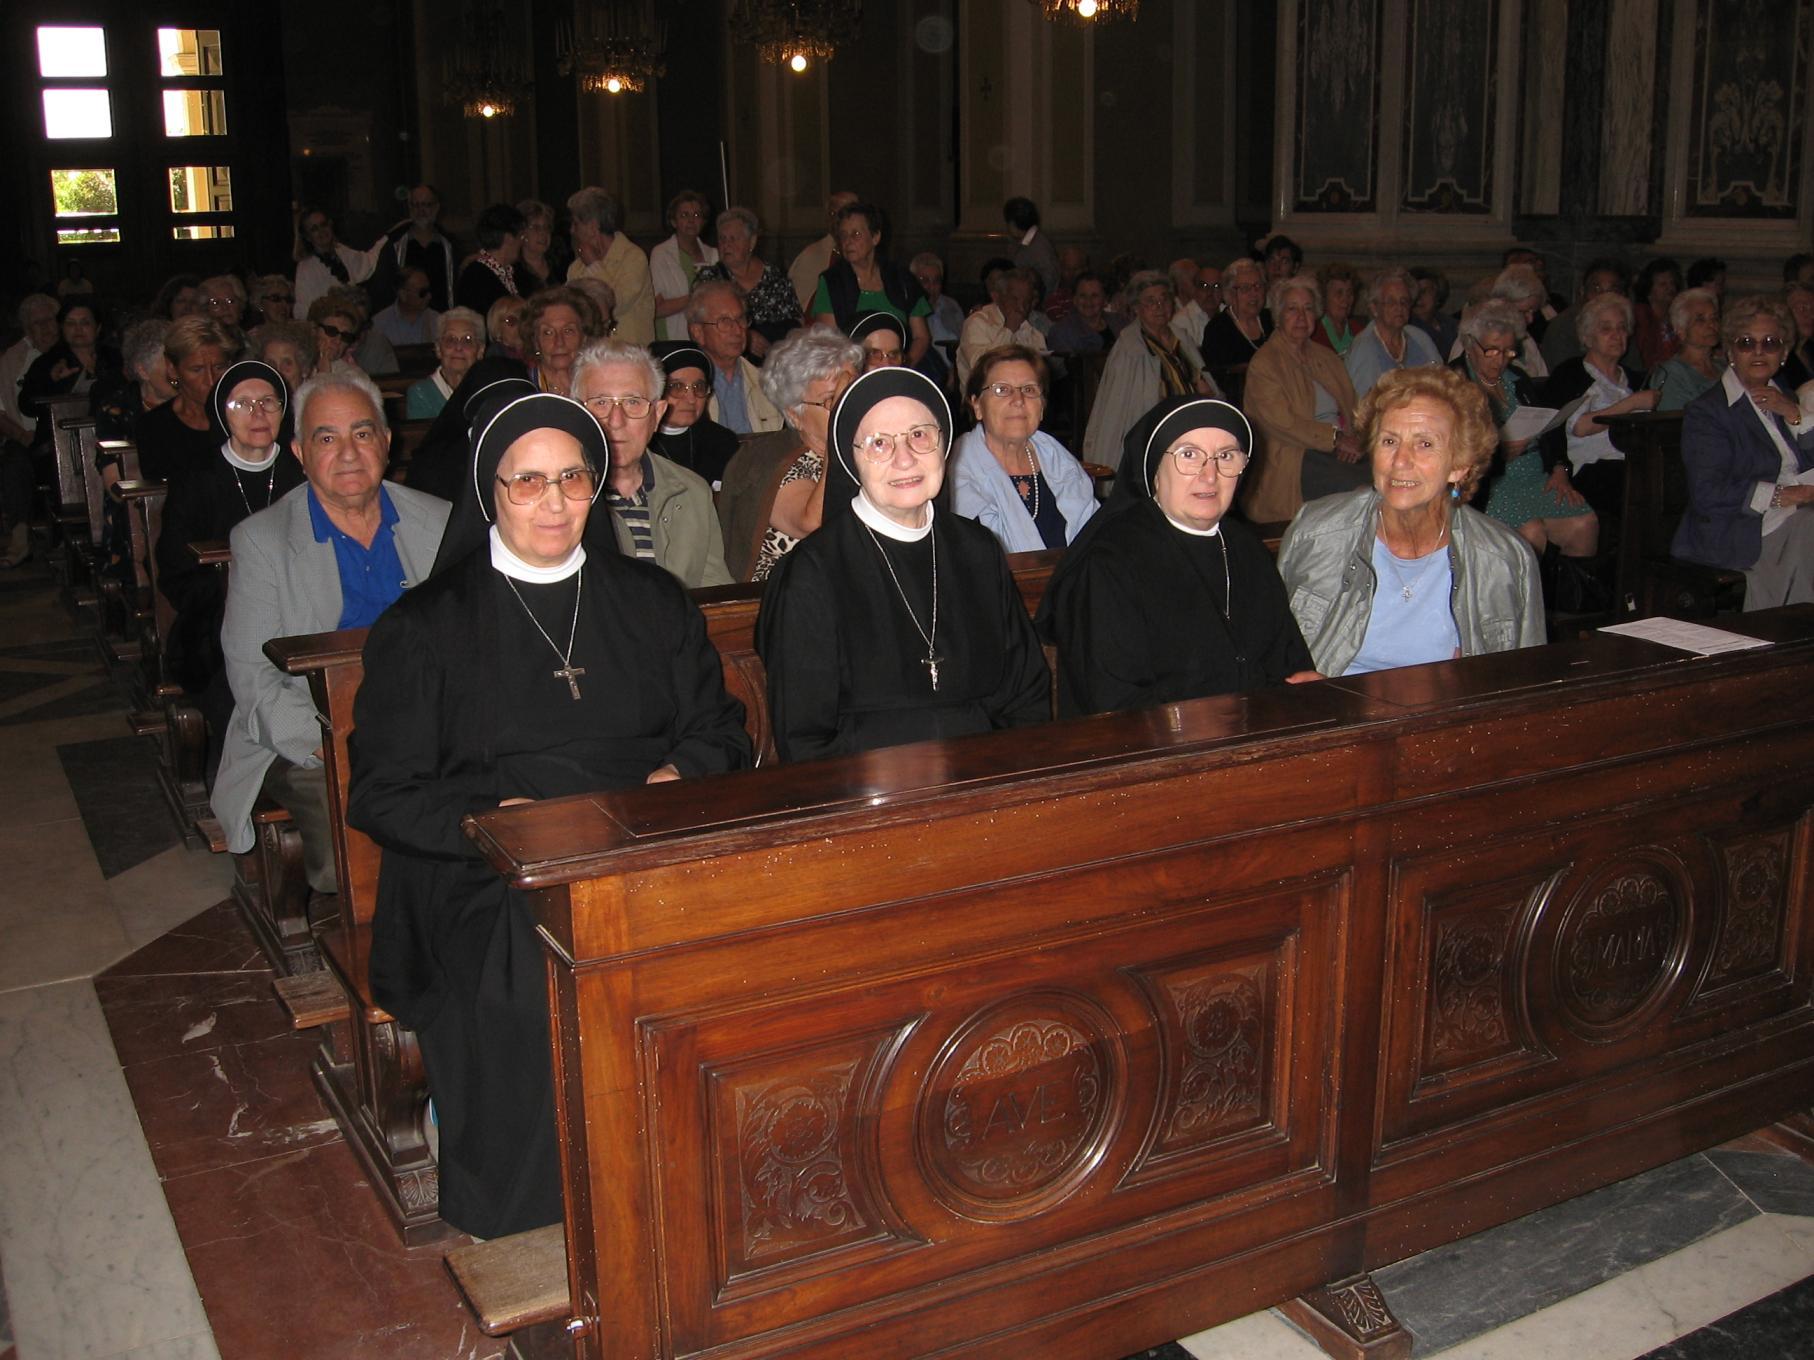 Pellegrinaggio_Vicariale_Guardia-2009-06-20--15.21.15